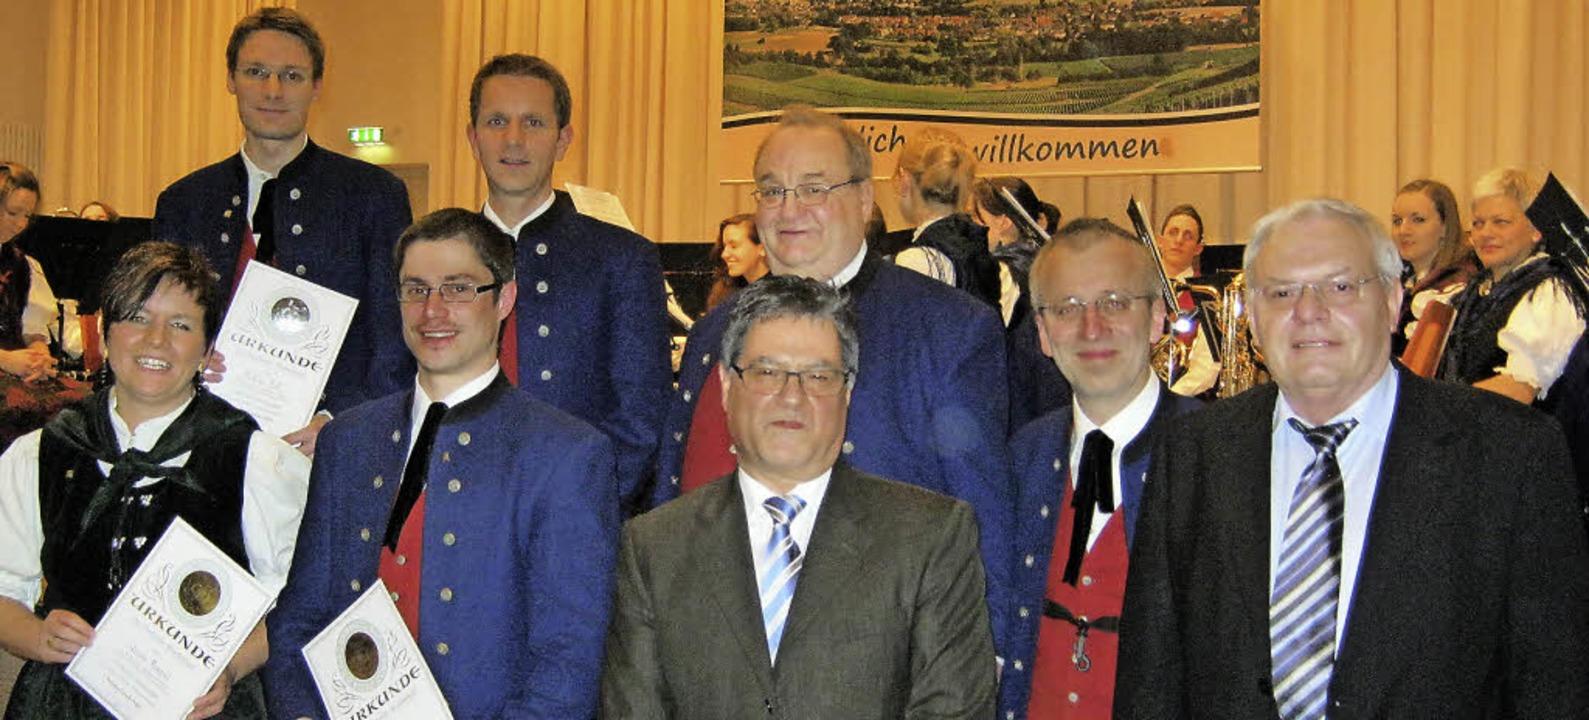 Hanspeter Metzger, Präsident des Markg...n beim Festbankett  verdient Musiker.   | Foto: Anne Freyer